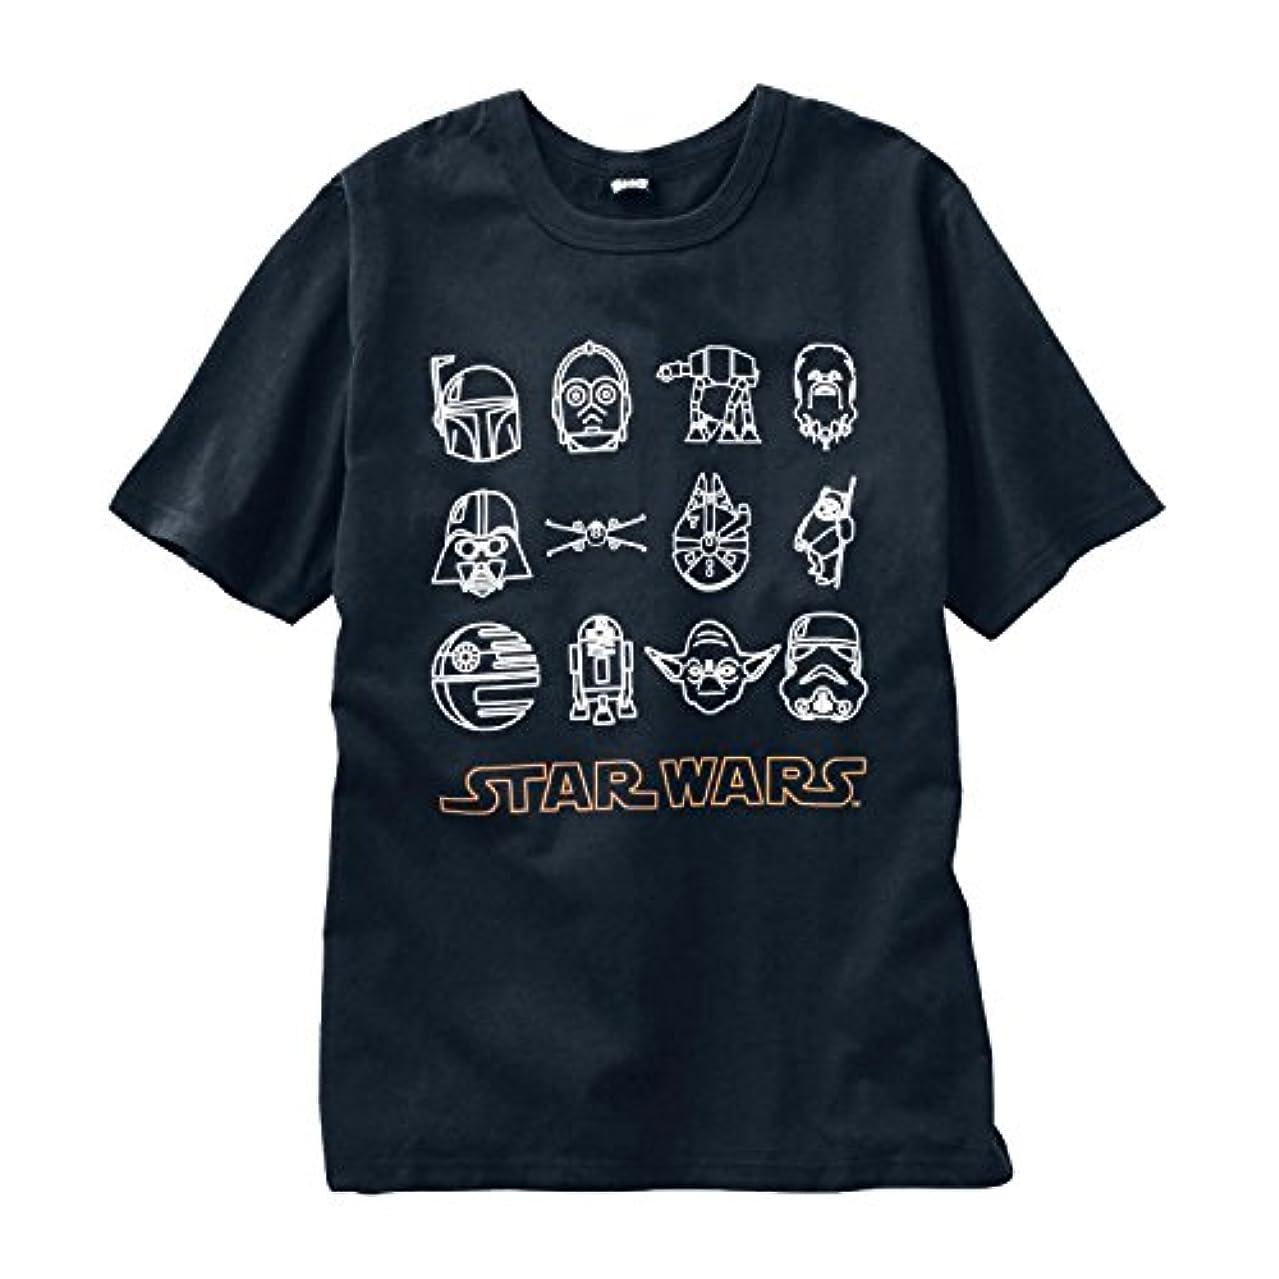 ゲインセイ円周月曜日STAR WARS スター?ウォーズ  メンズ半袖Tシャツ アイコン(ブラック)